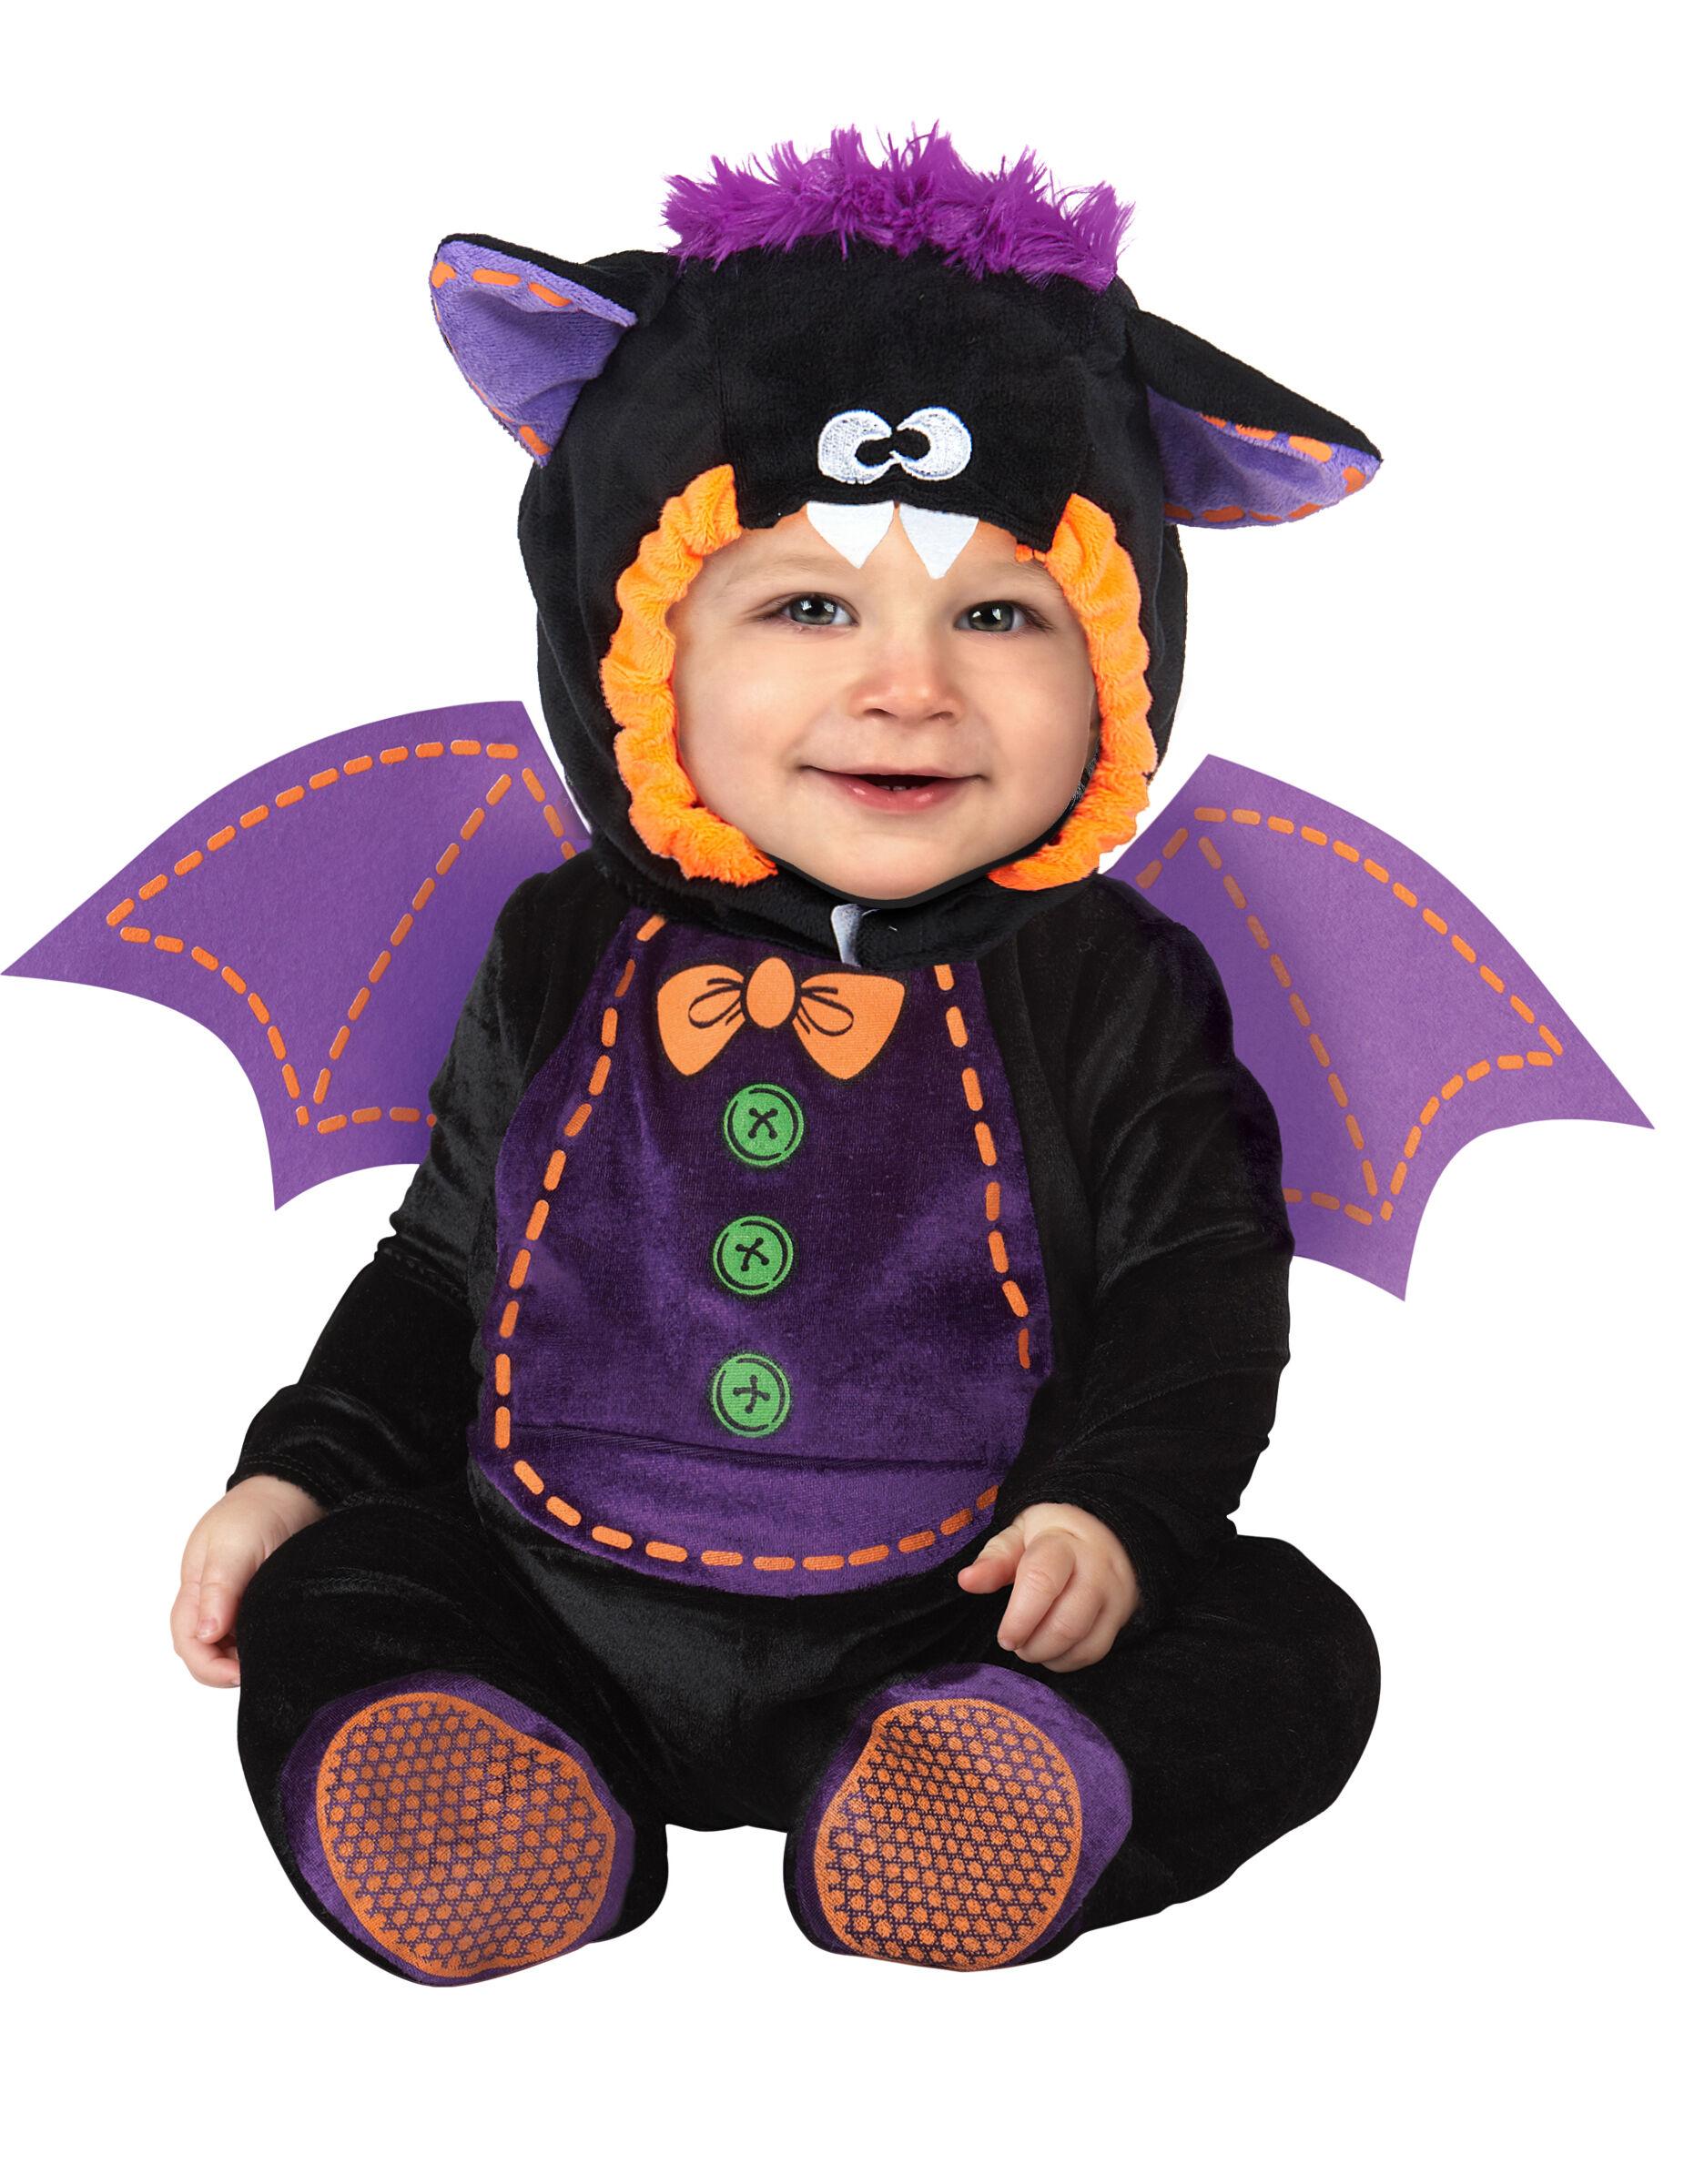 VegaooParty Déguisement Chauve-souris pour bébé - Classique - Taille: 12-18 mois (74-81 cm)